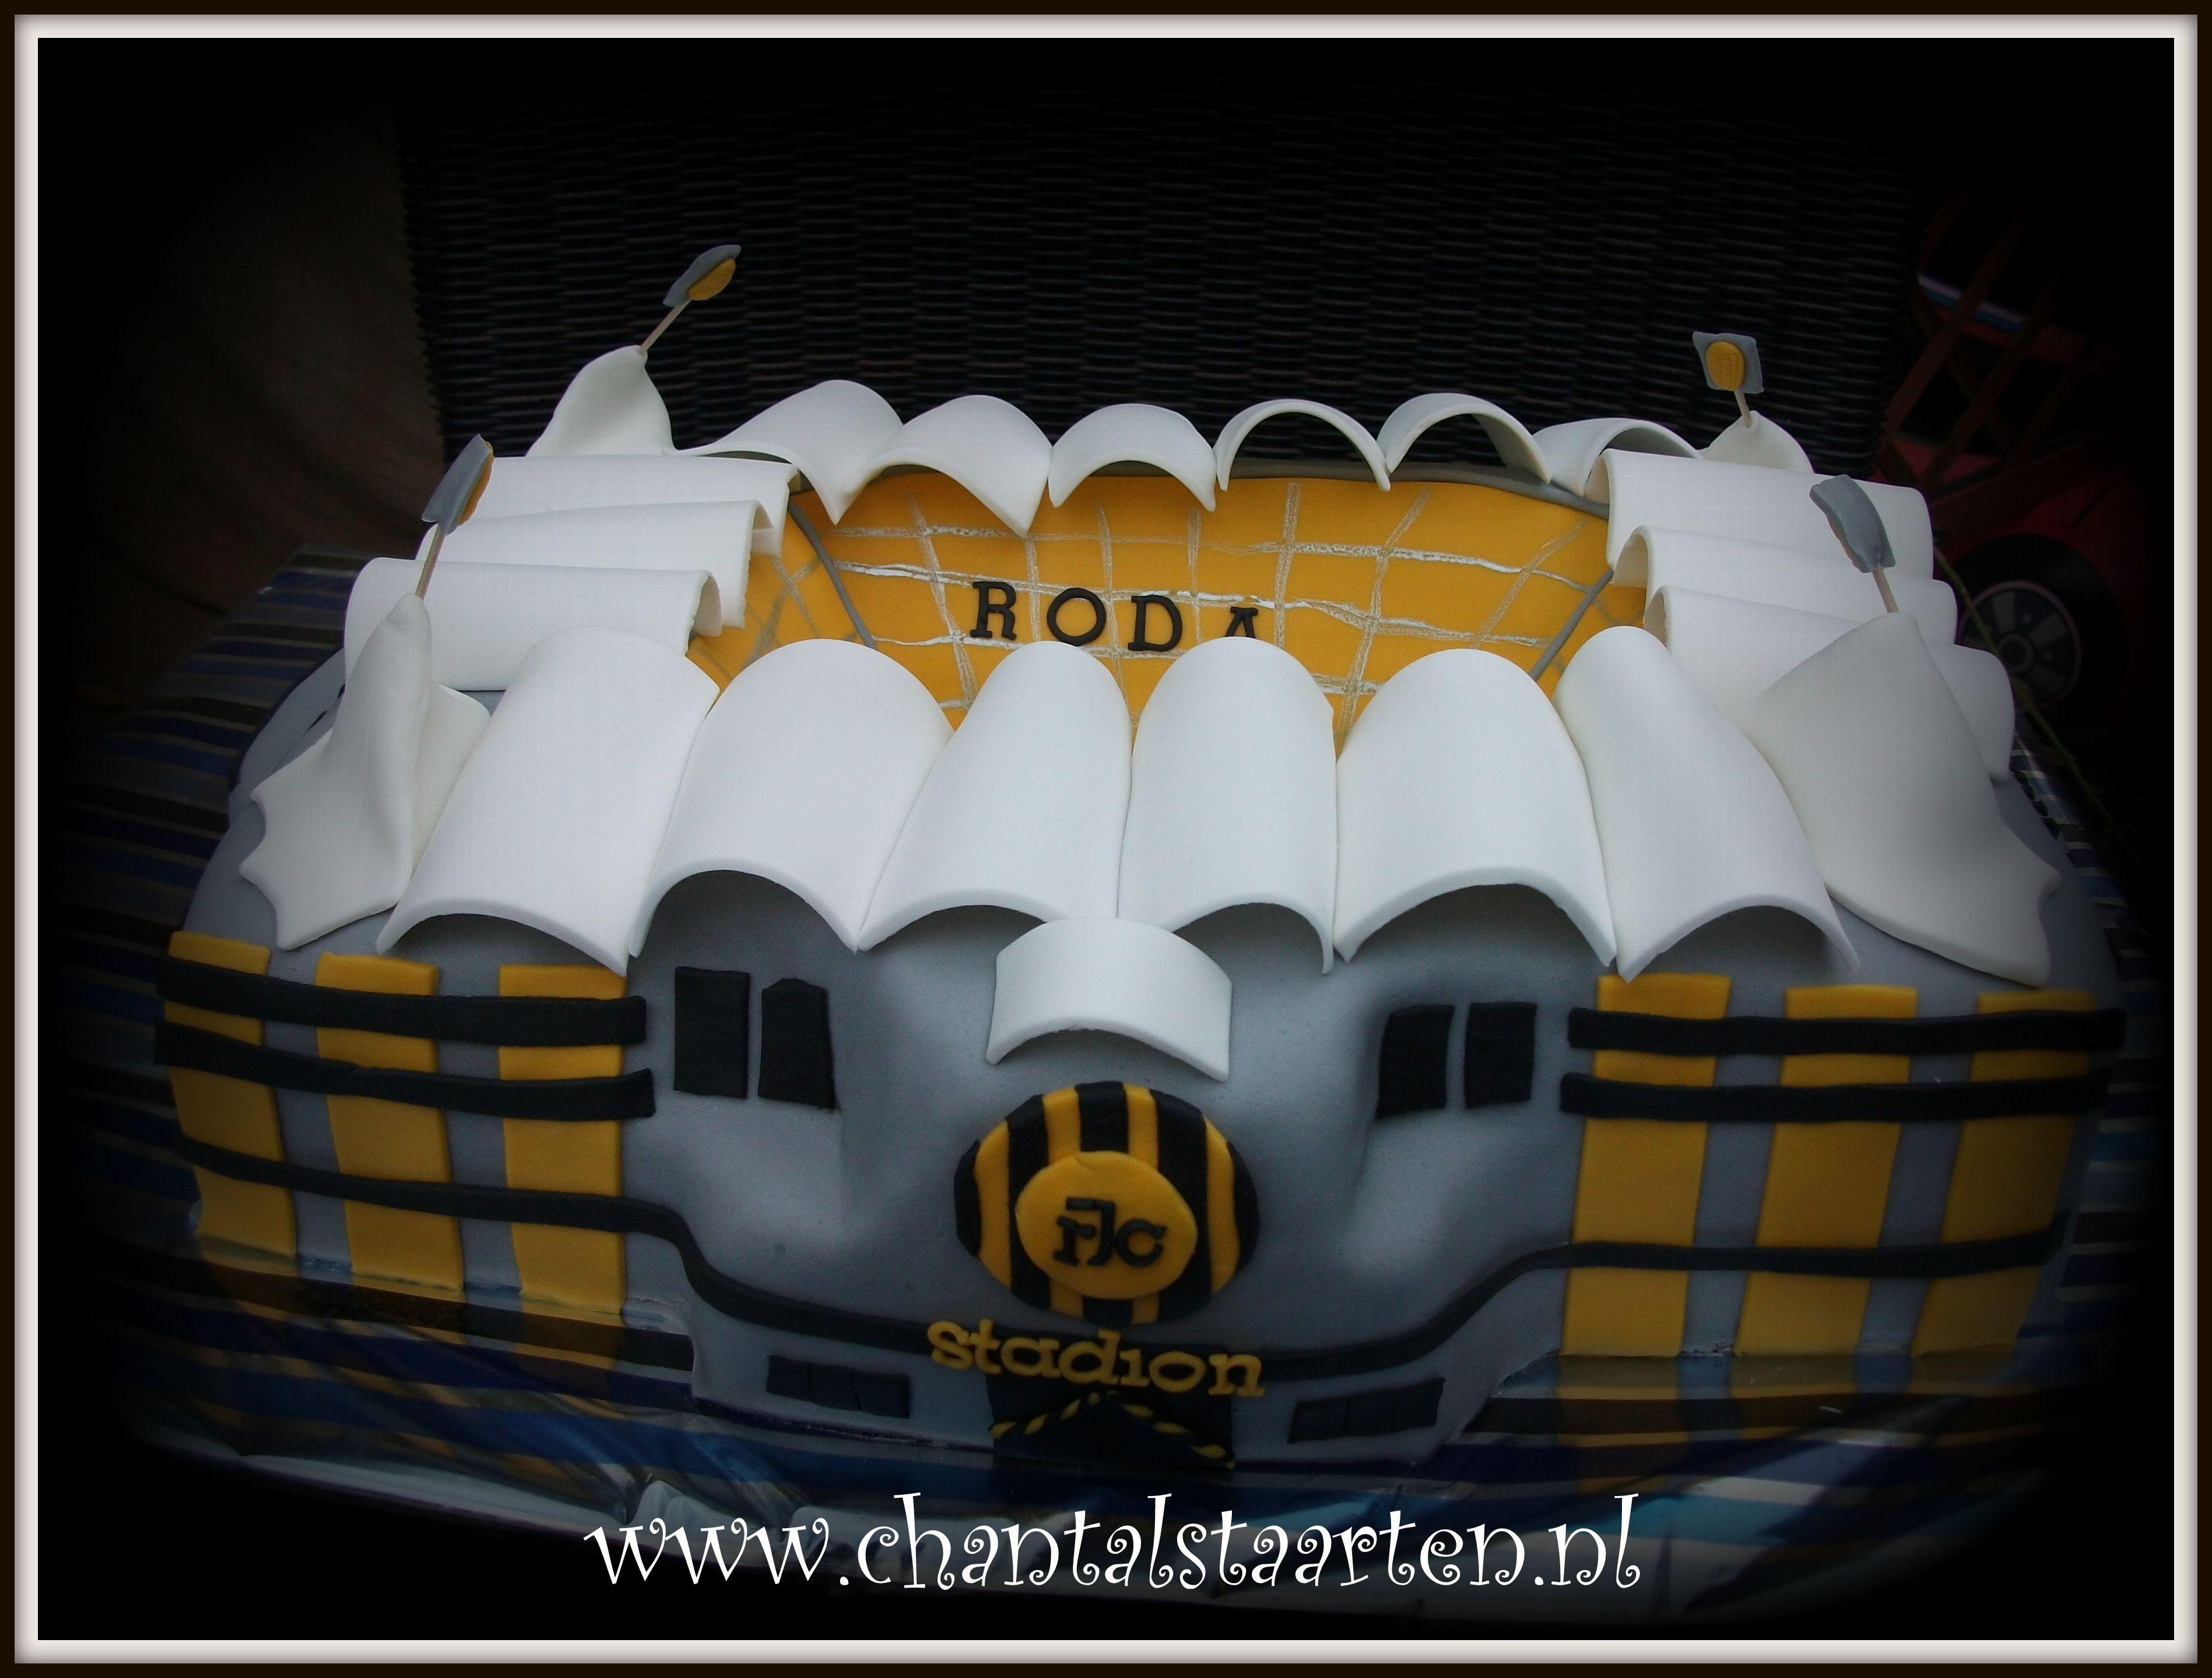 Roda Voetbal Stadion Taart Www Chantalstaarten Nl Taart Voetbal